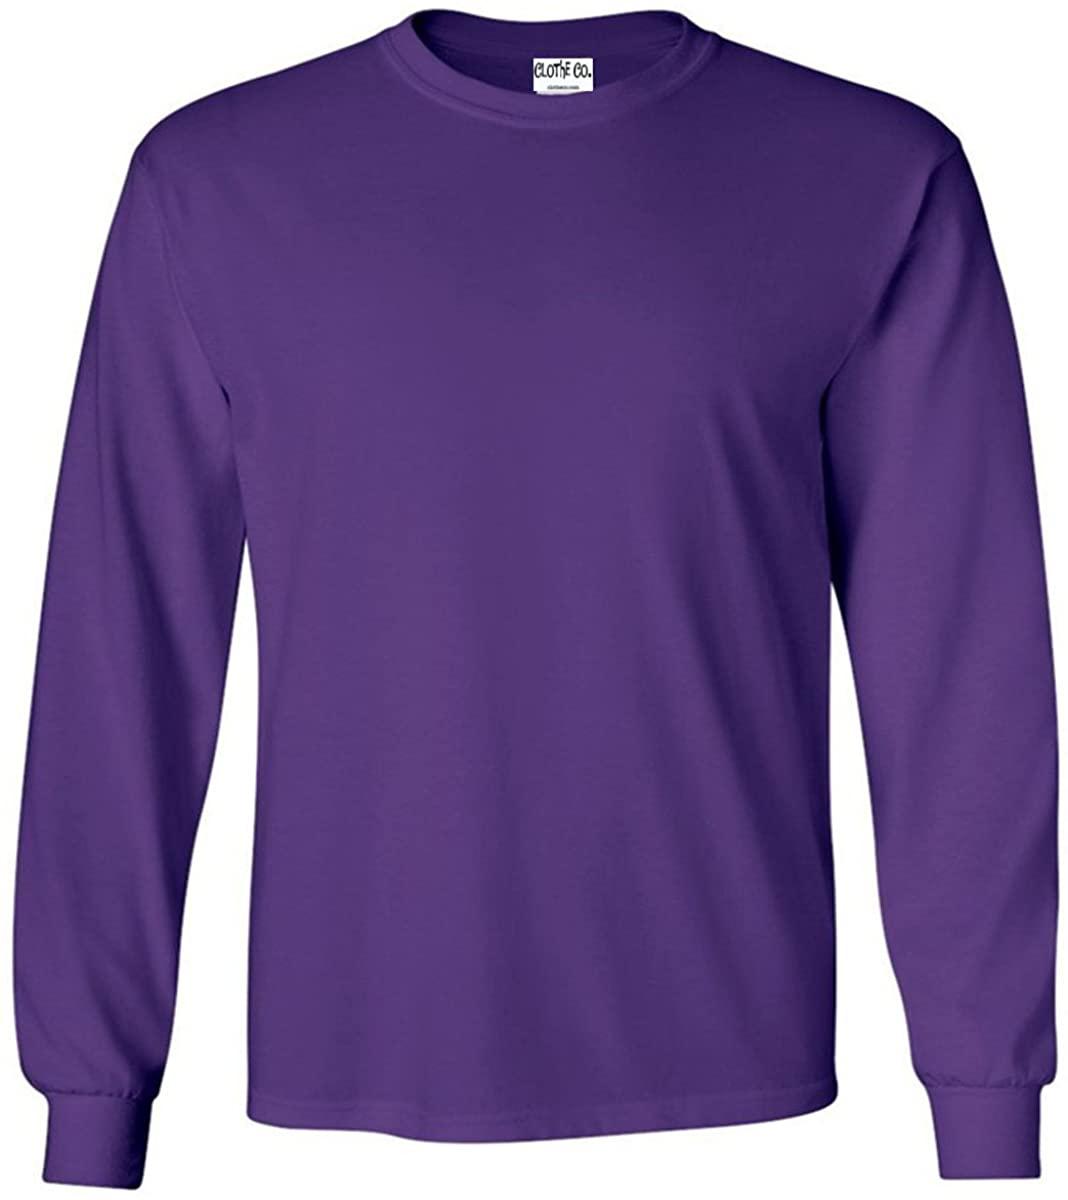 Clothe Co. Men's 100% Cotton Long Sleeve T-Shirt